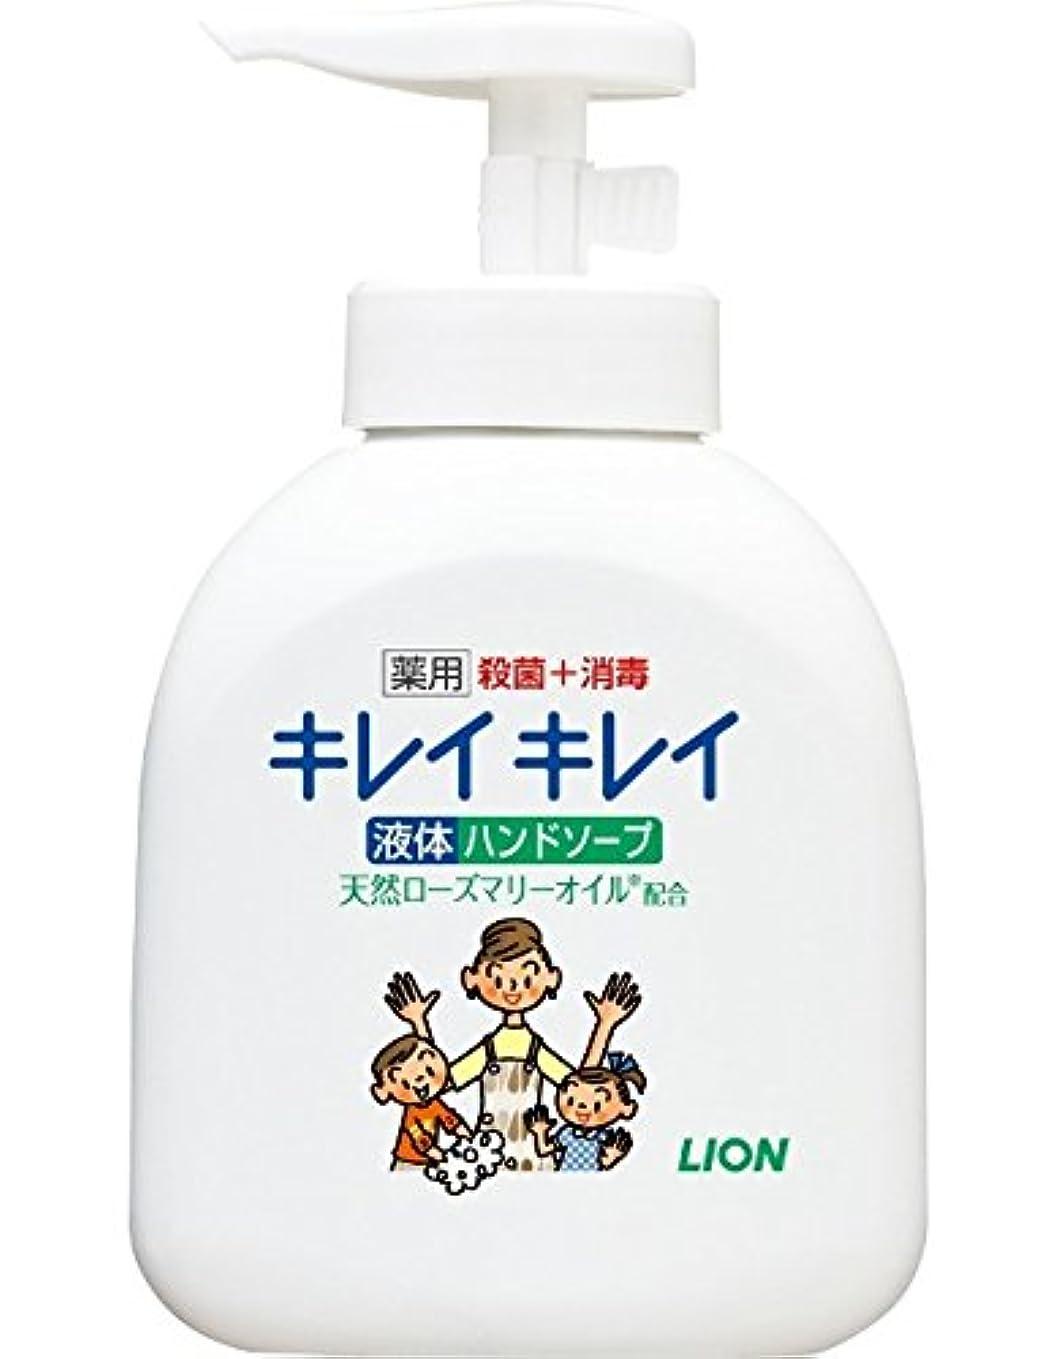 説明するオーロック経由でキレイキレイ 薬用 液体ハンドソープ 本体ポンプ 250ml(医薬部外品)